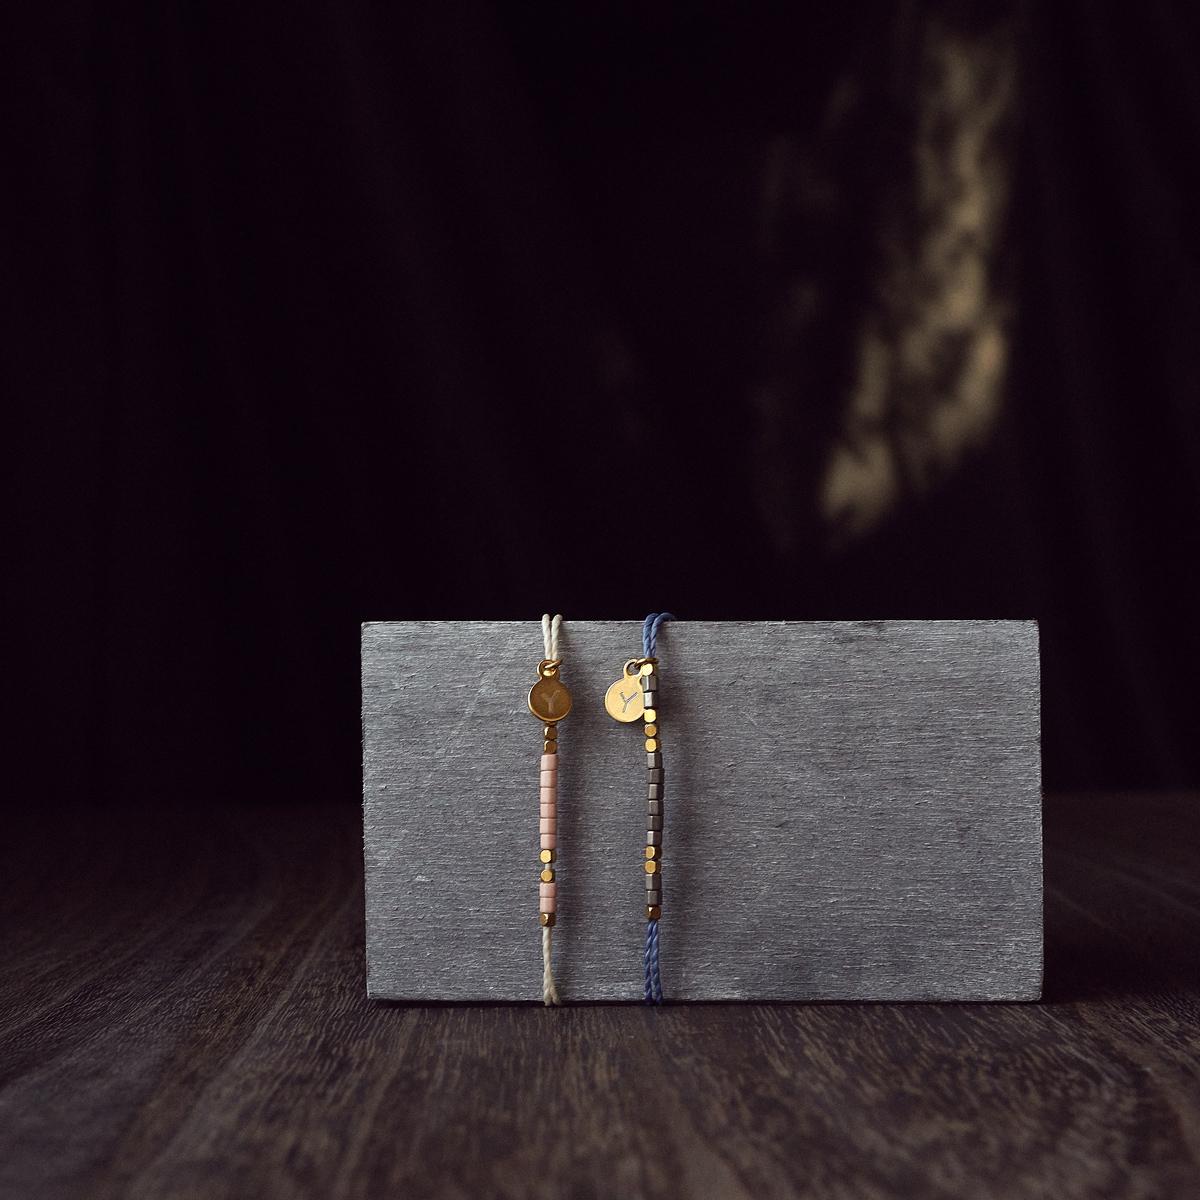 Lauss ペア アンクレット モールス信号で秘密の暗号 ビーズに想いを託した ワックスコード アンクレット イニシャル彫刻 kla034 (長方形パッケージ)conpact